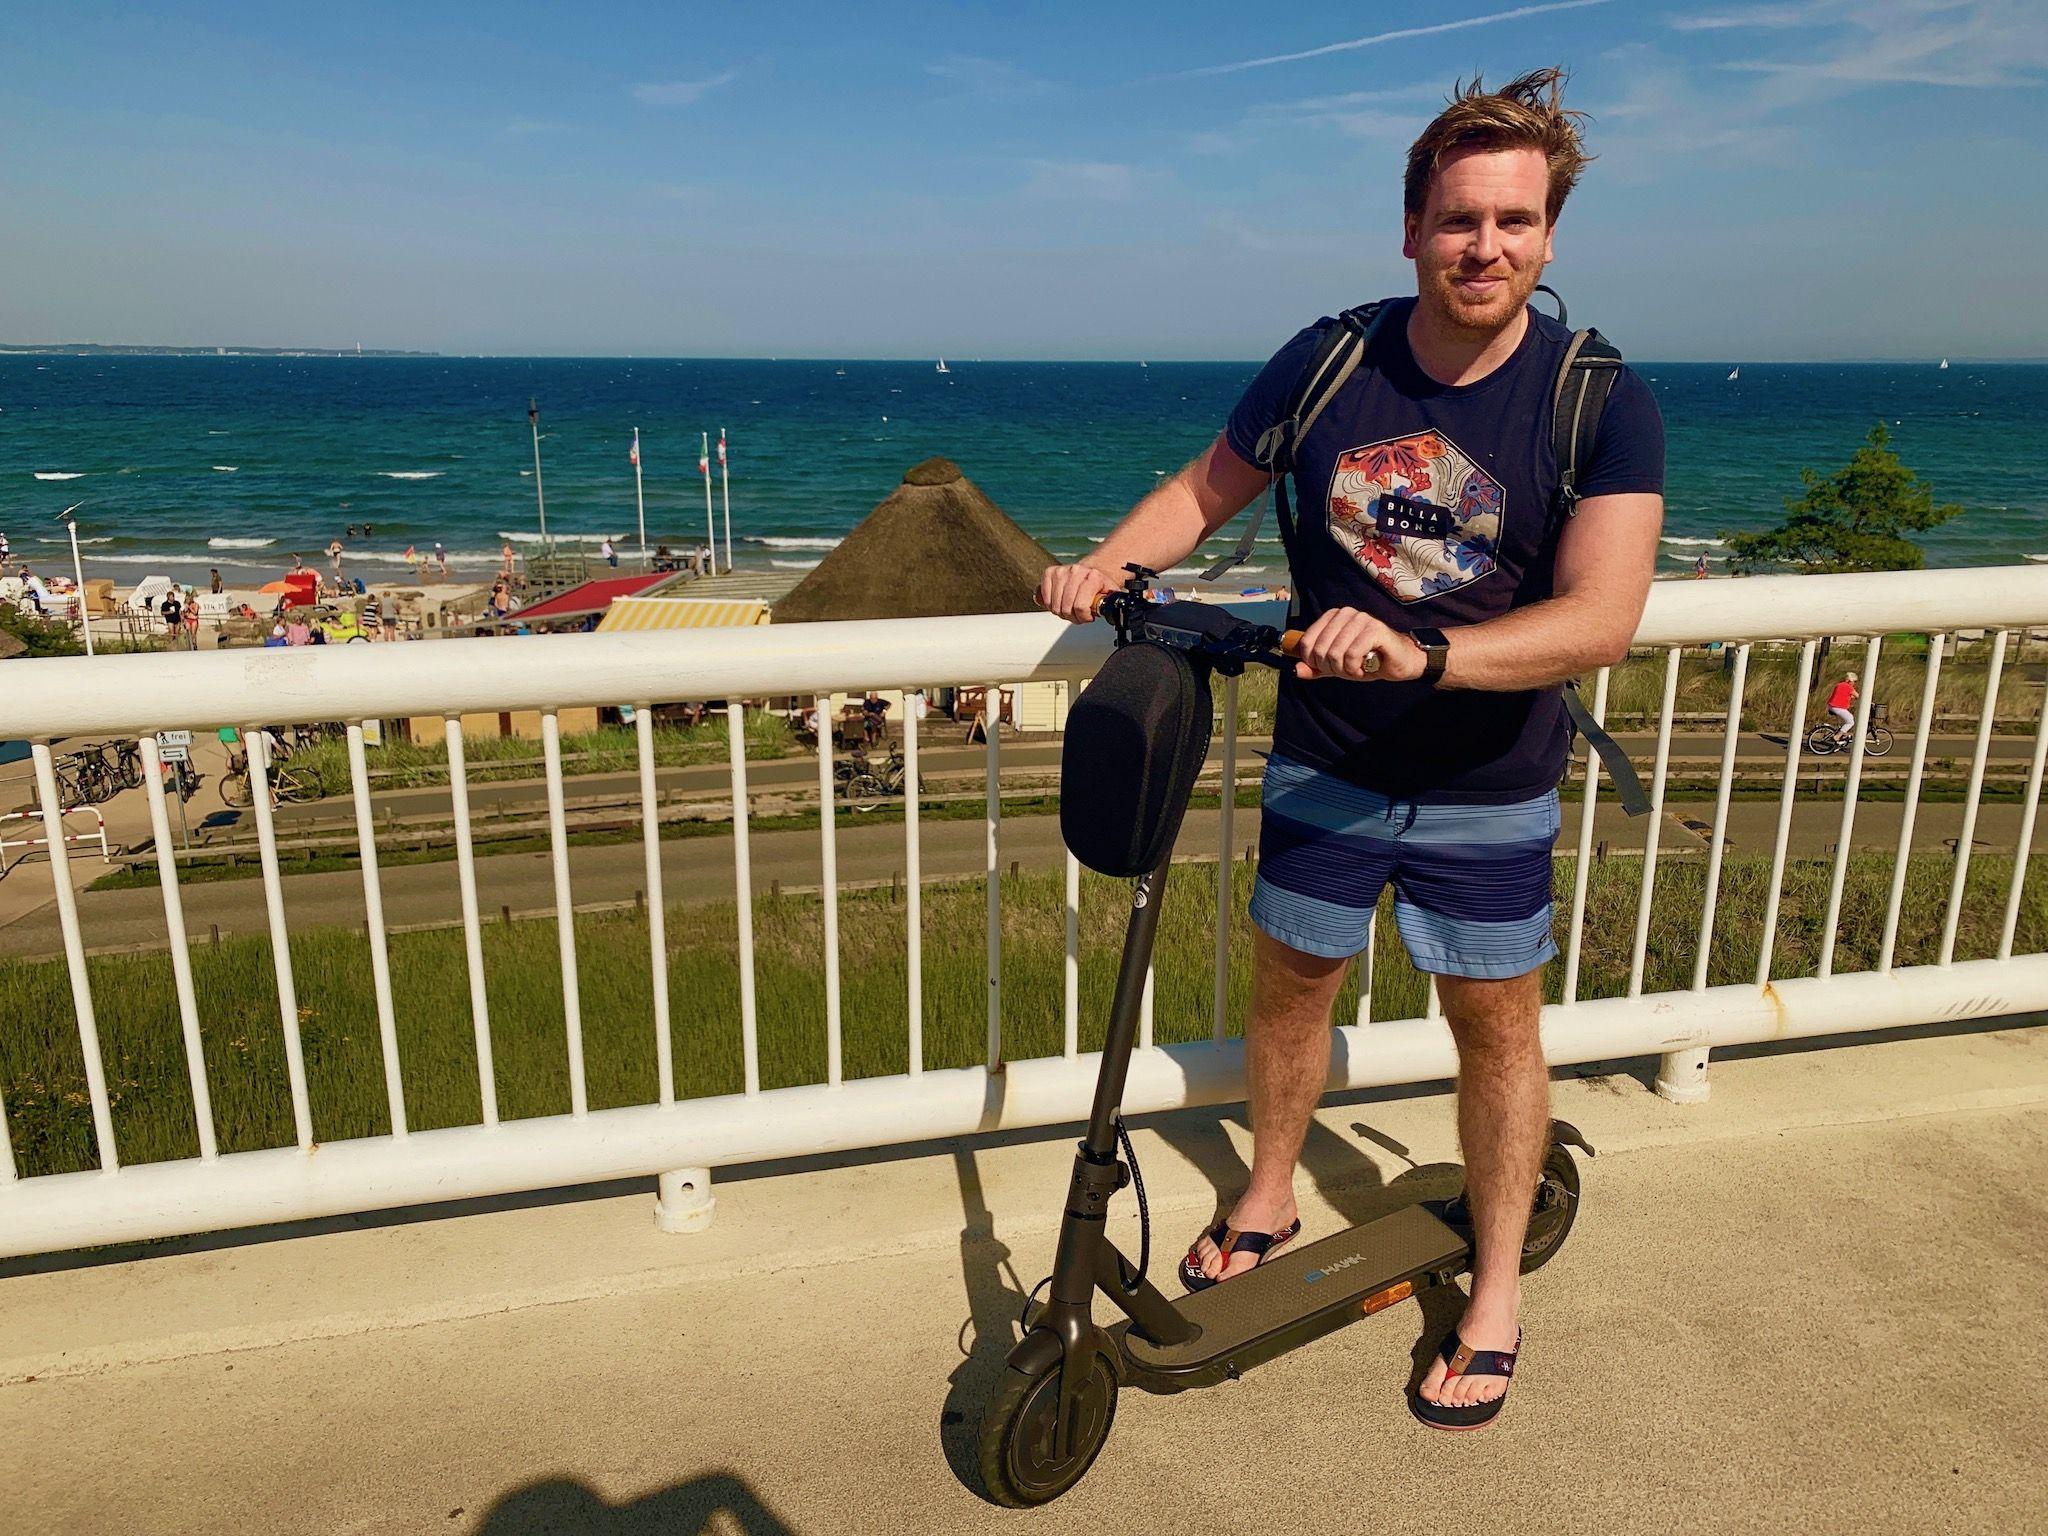 E-Scooter im Test: Wir haben den IO Hawk Sparrow Legal im Alltag und im Urlaub ausprobiert. Foto: Luisa Praetorius